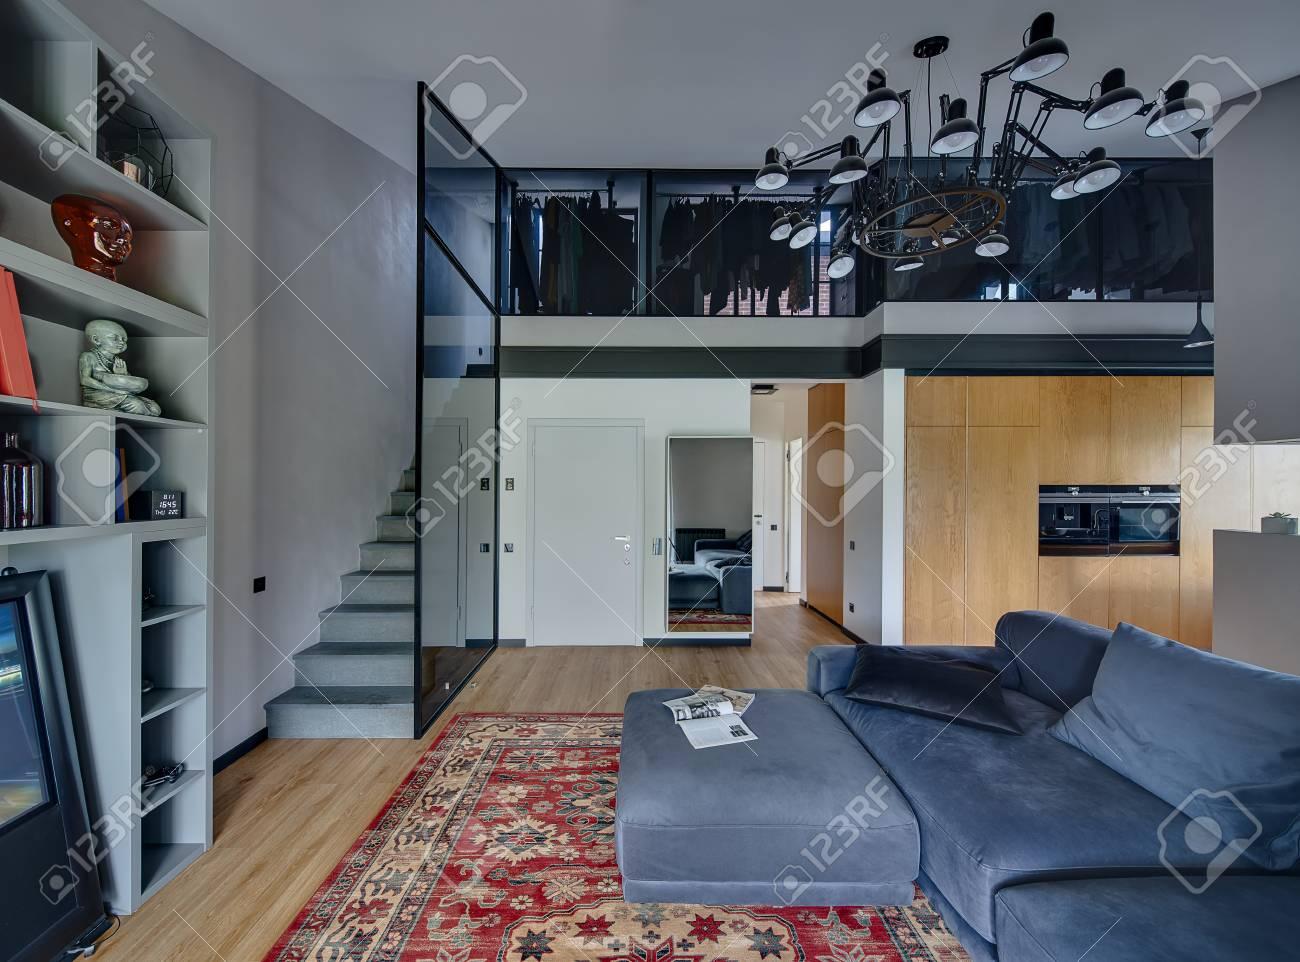 Moderner Innenraum Mit Hellen Wänden Und Parkett Mit Rotem Teppich